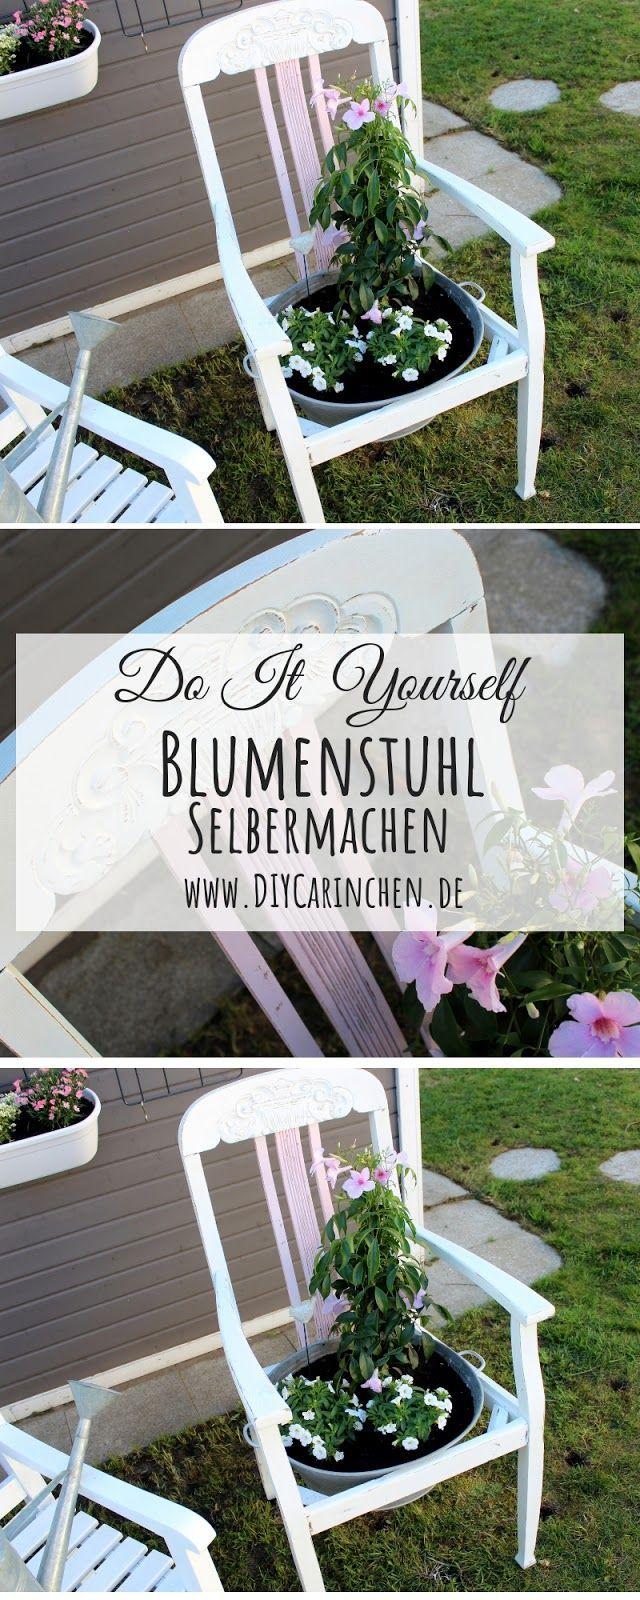 Diy Blumenstuhl In Shabby Chic Ganz Einfach Selber Machen